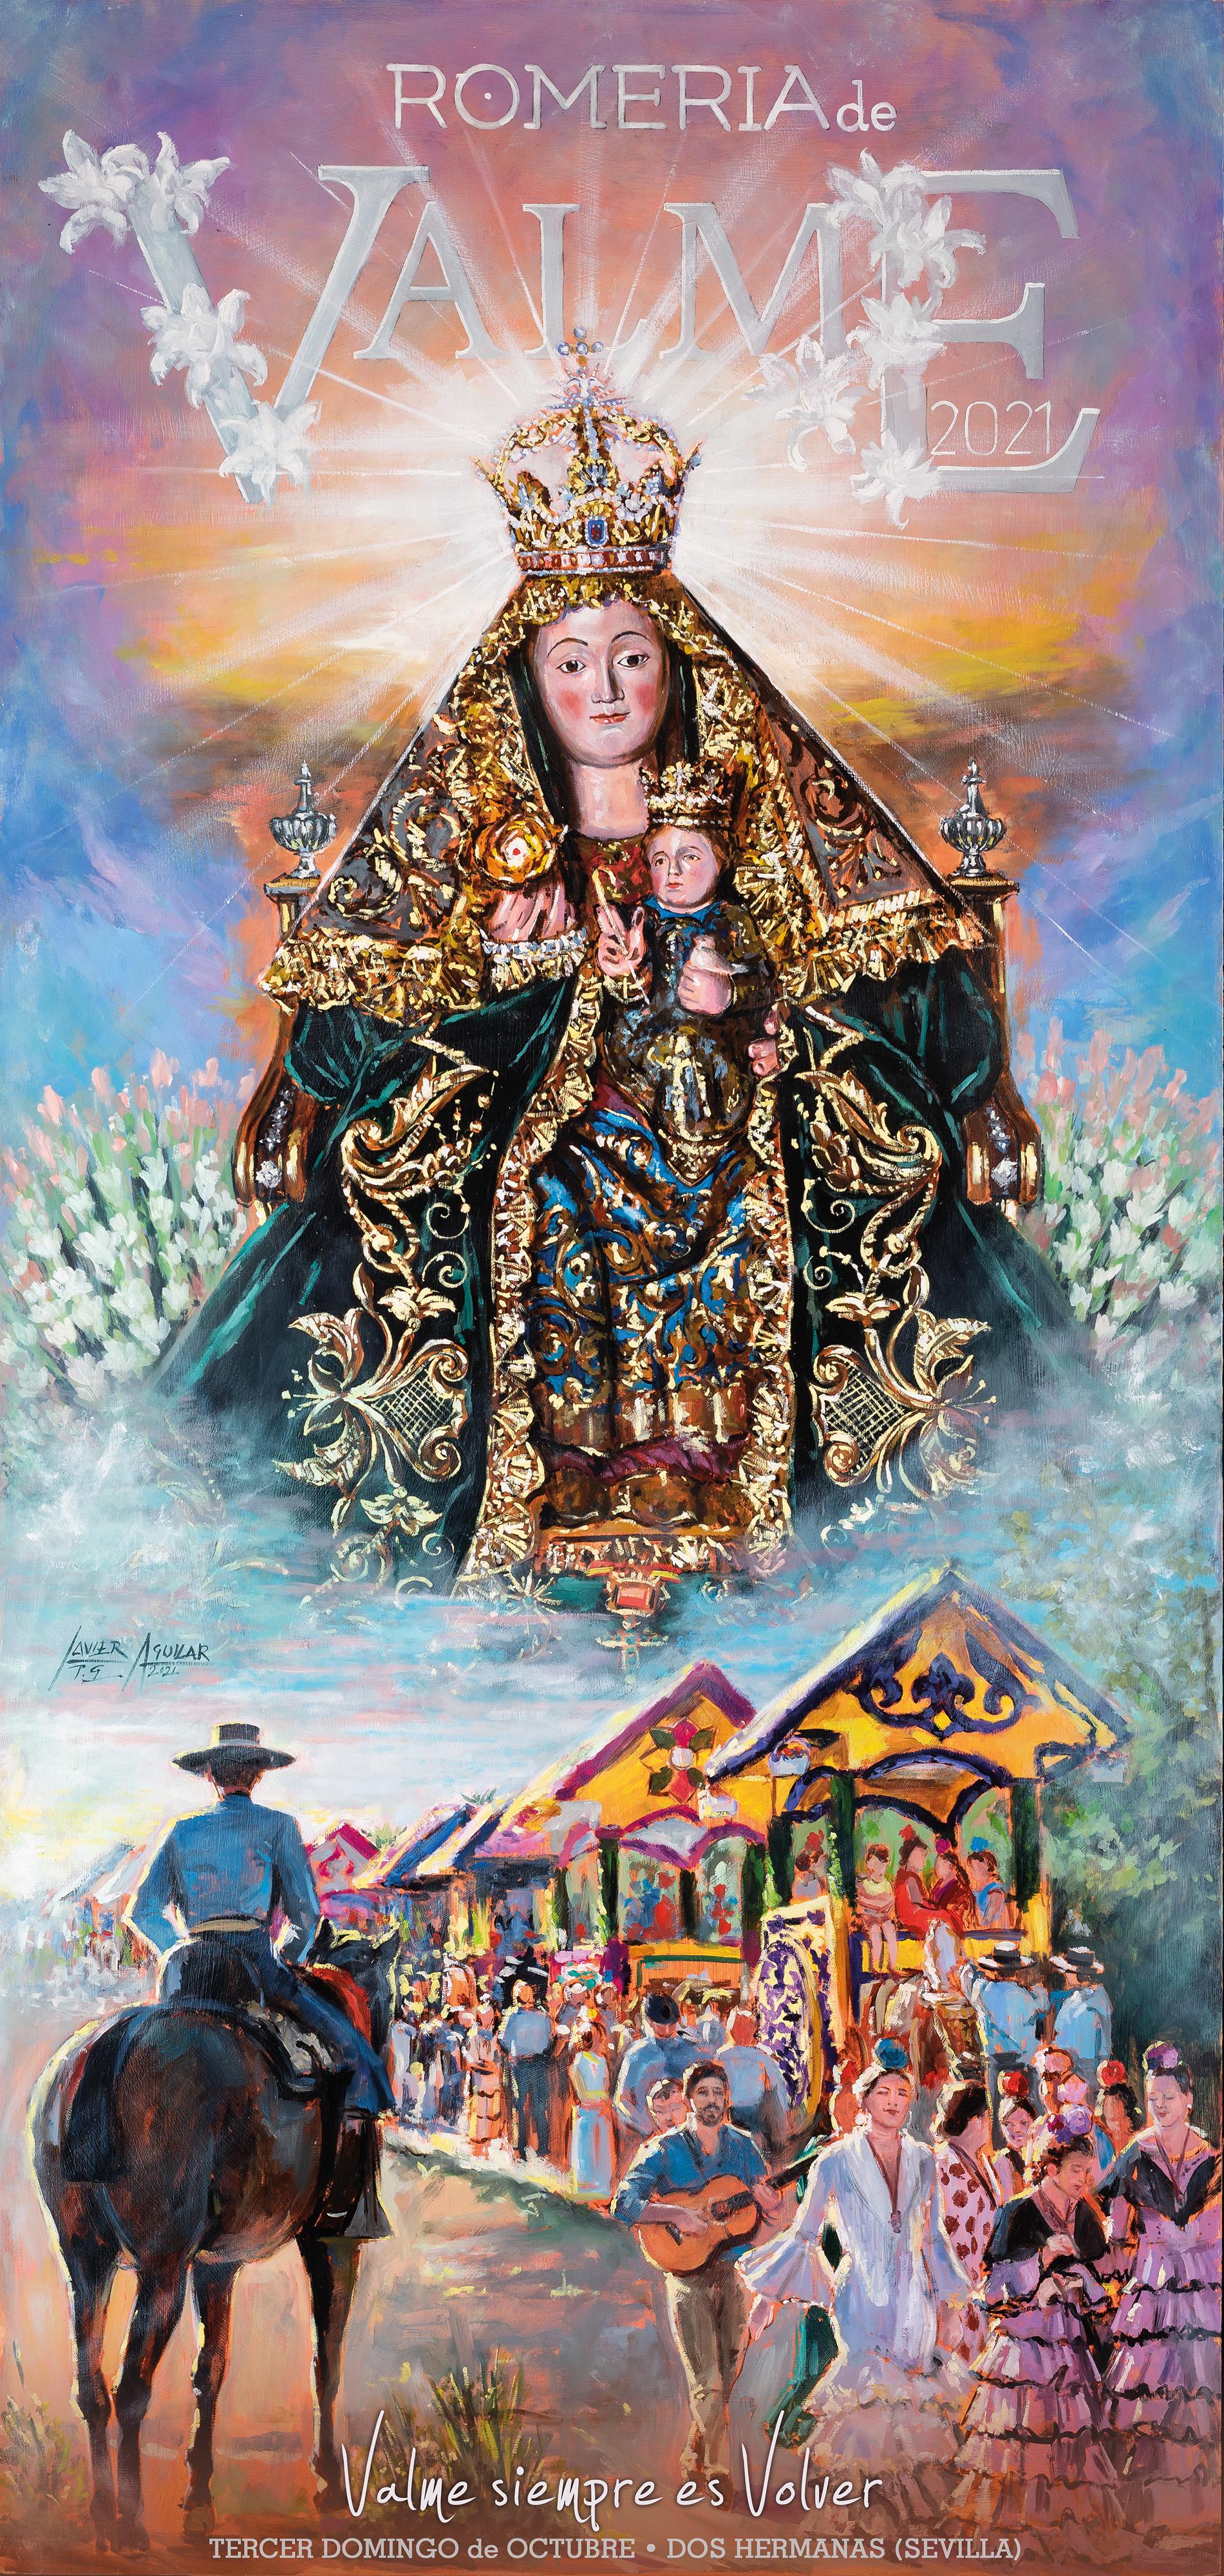 Una estampa romera, llena de luz y color, como cartel anunciador de los actos y cultos en honor de la Virgen de Valme de 2021